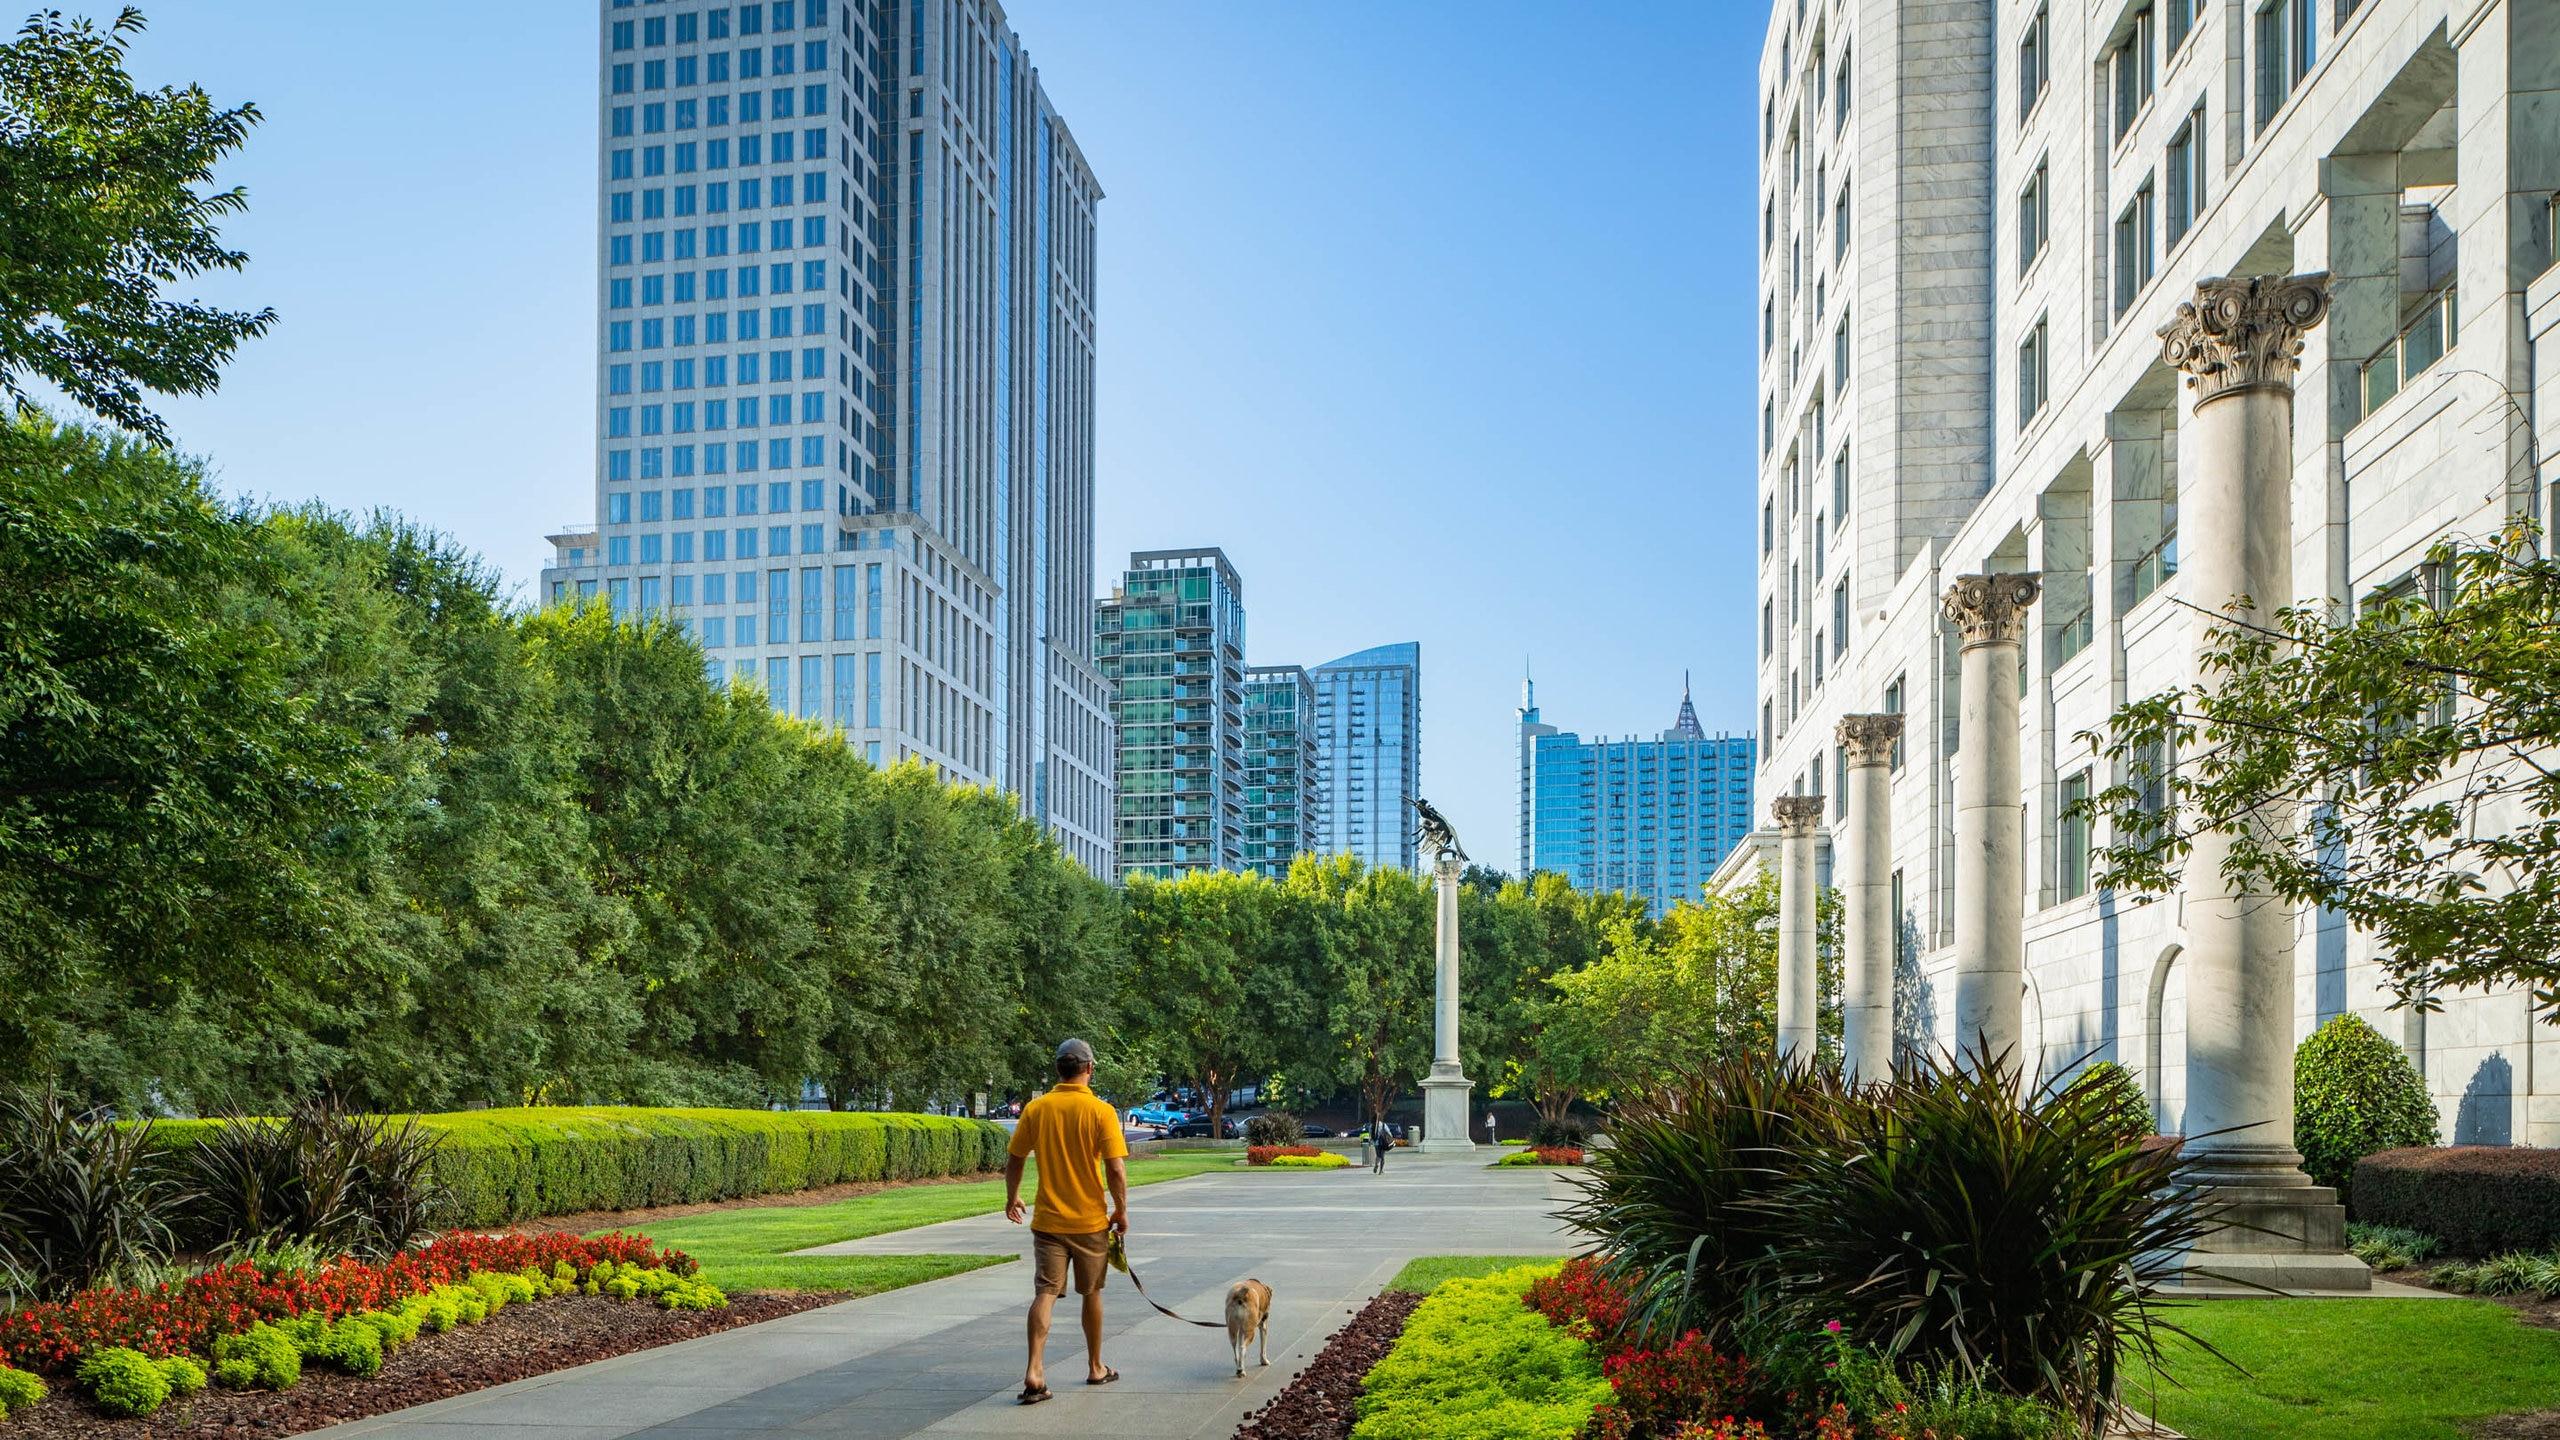 Midtown, Atlanta, Georgia, USA